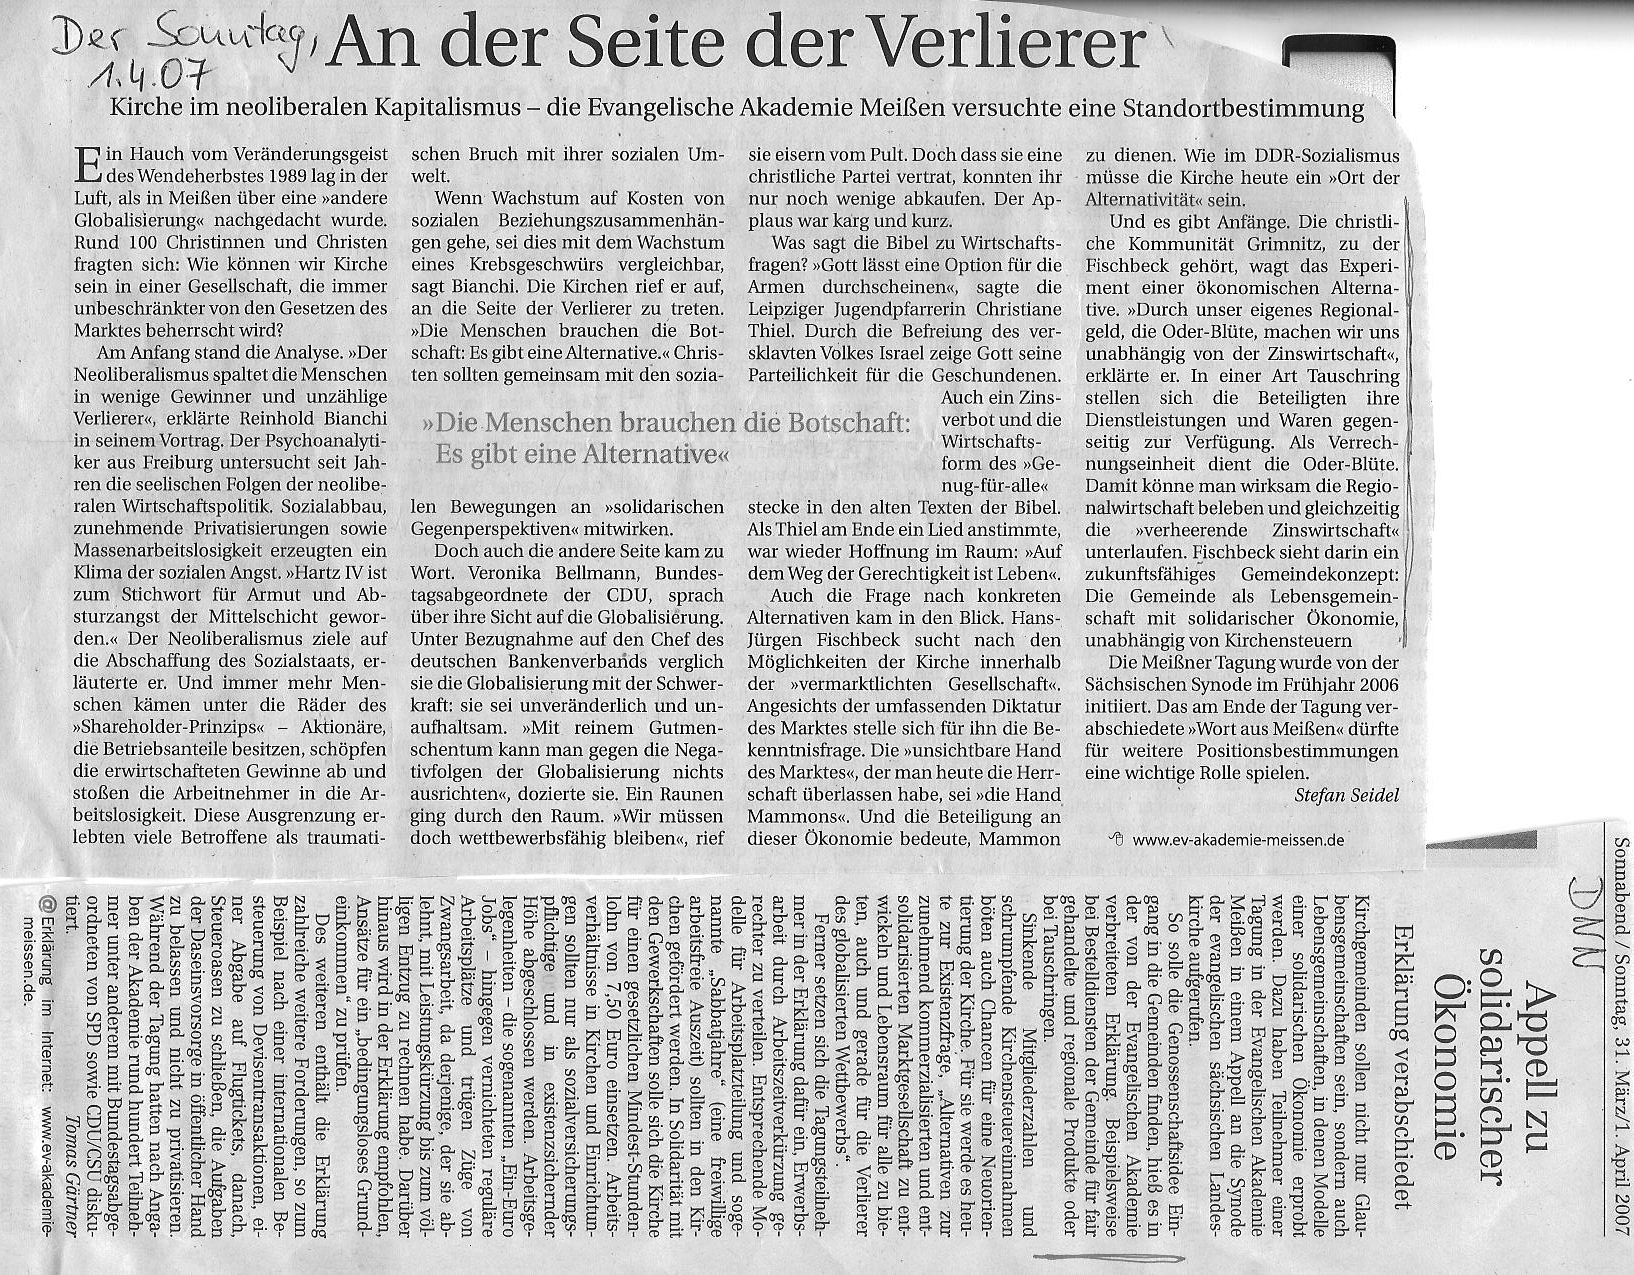 07_04_Artikel_DNN_evAkademie